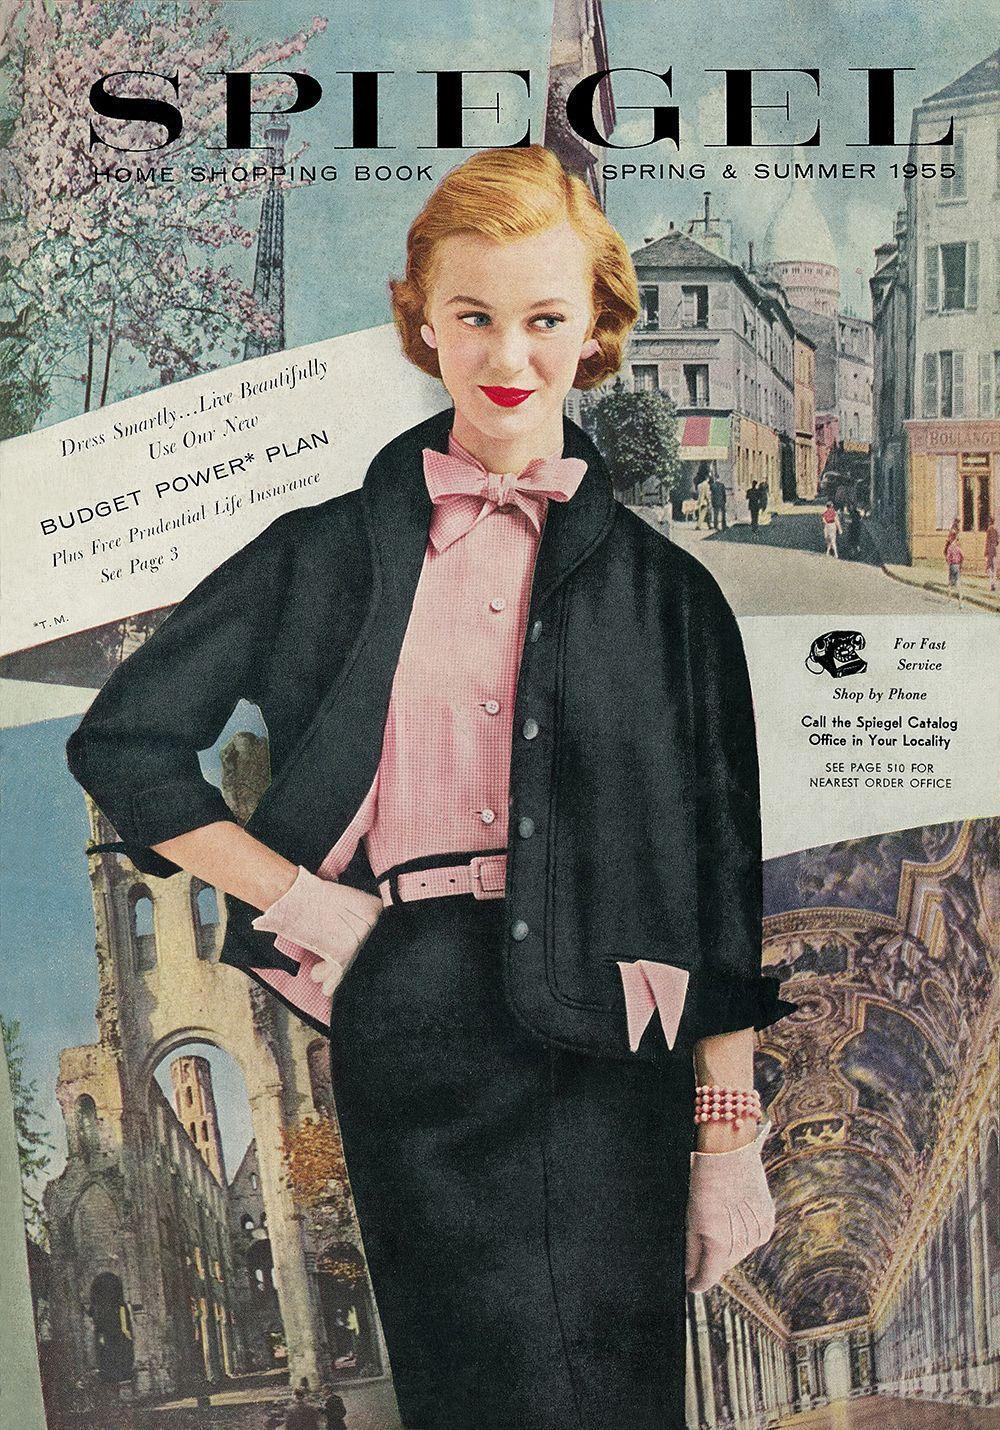 1955 spiegel catalog cover my vintage style pinterest. Black Bedroom Furniture Sets. Home Design Ideas